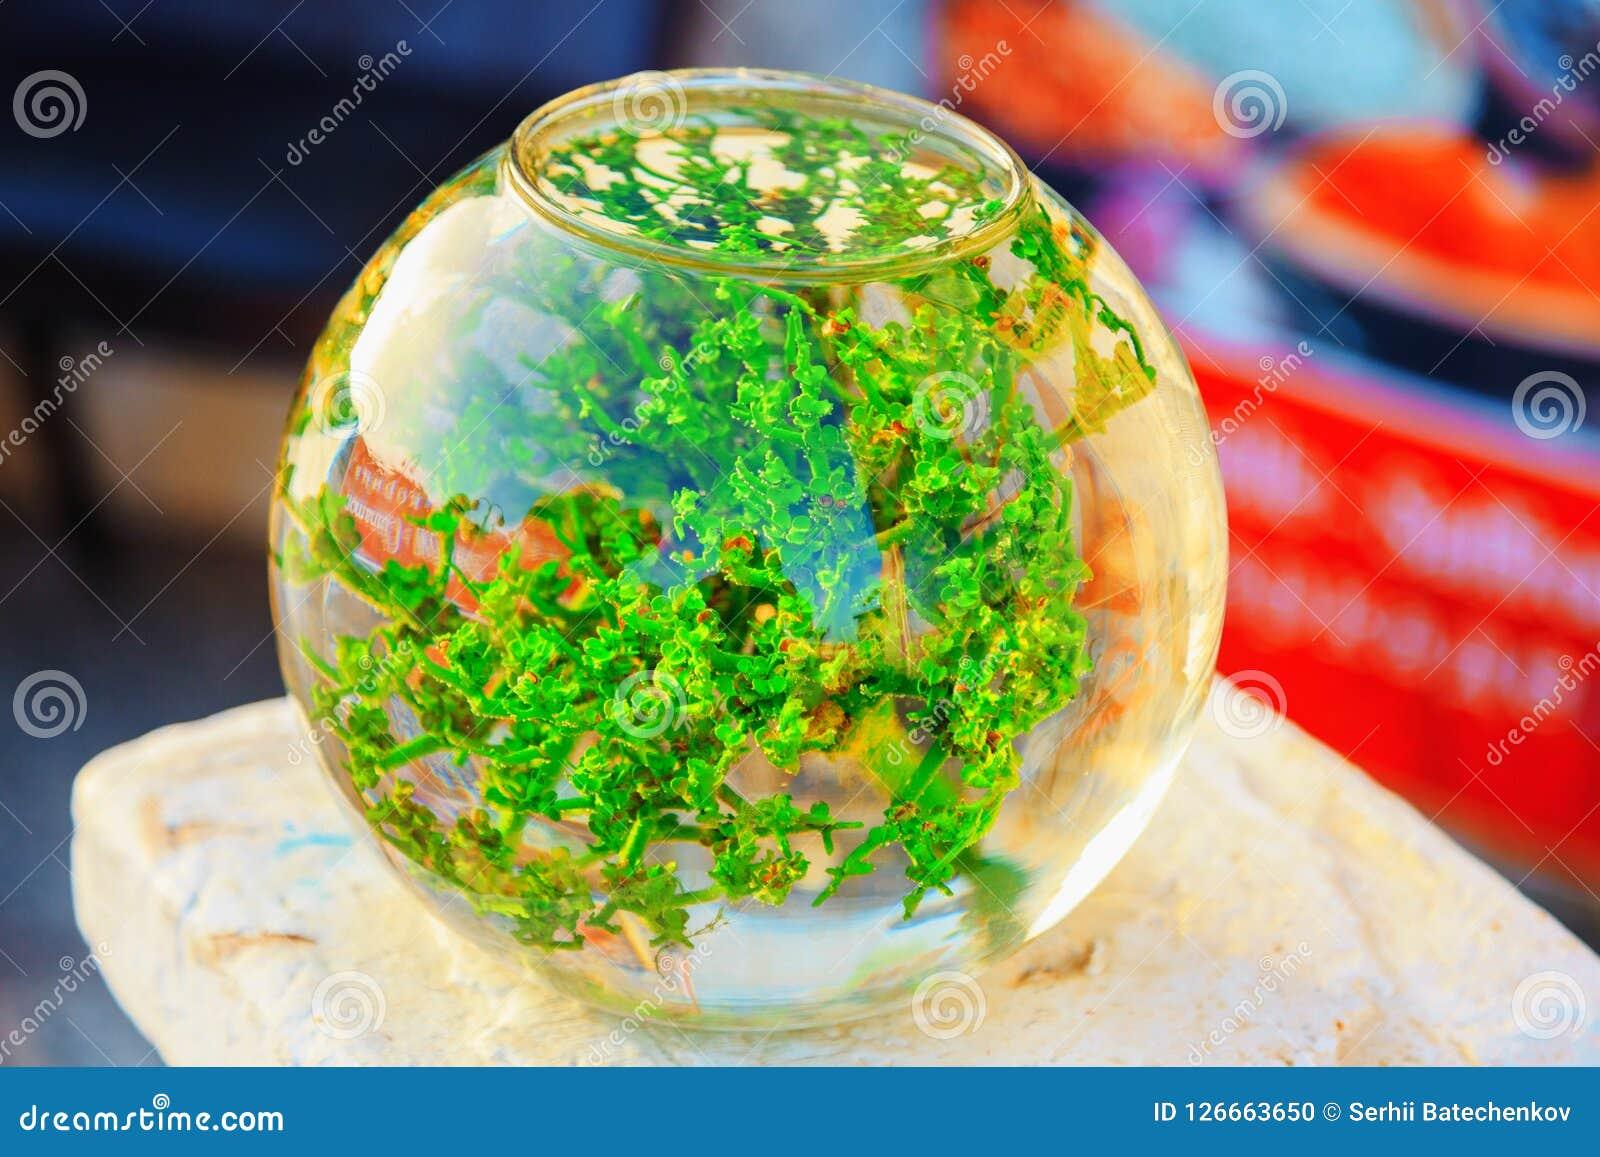 Spherical aquarium with green algae